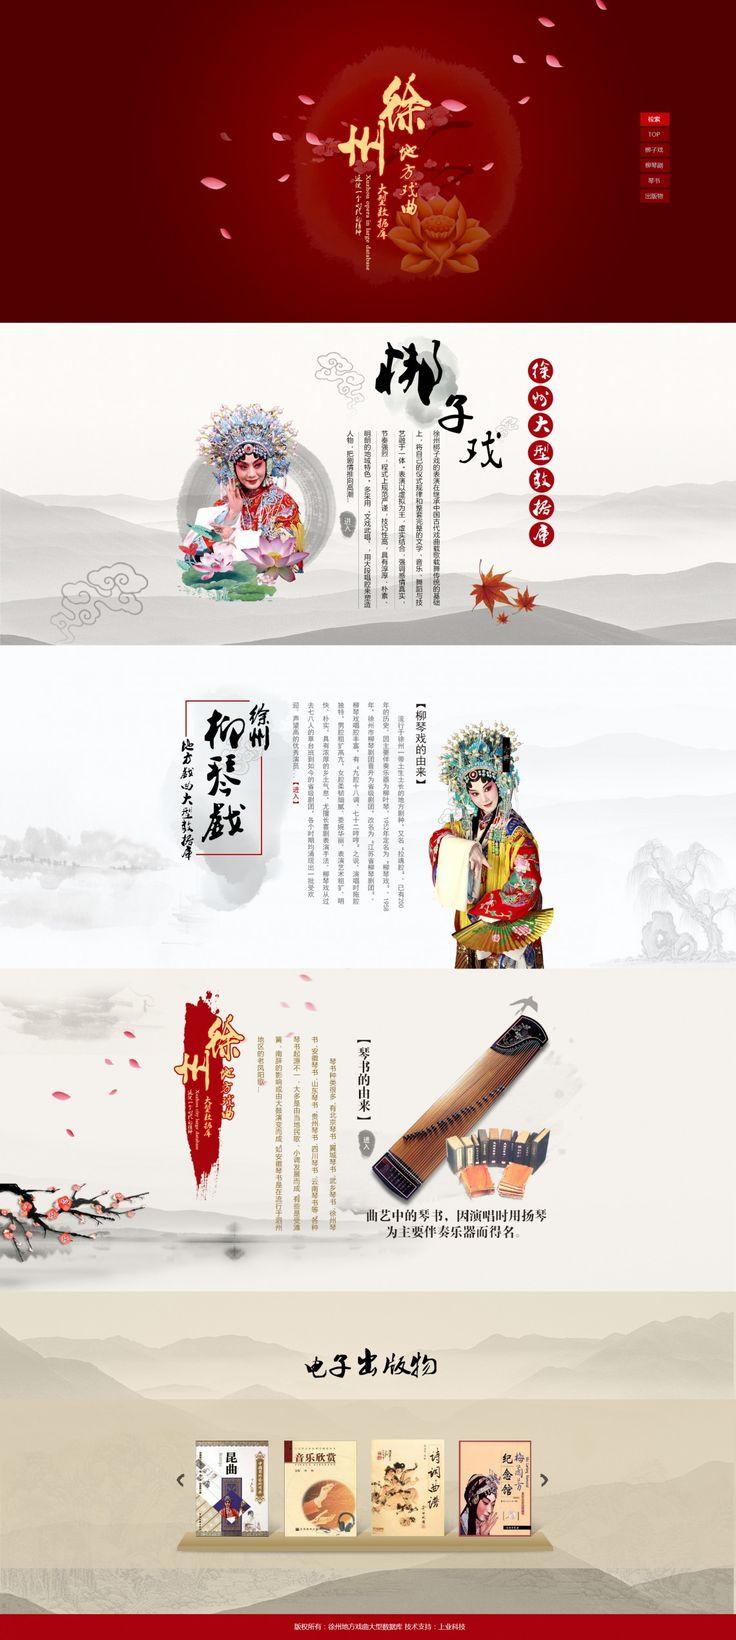 徐州地方戏曲 by 小破烂 - UE设计平台-网页设计,设计交流,界面设计,酷站欣赏